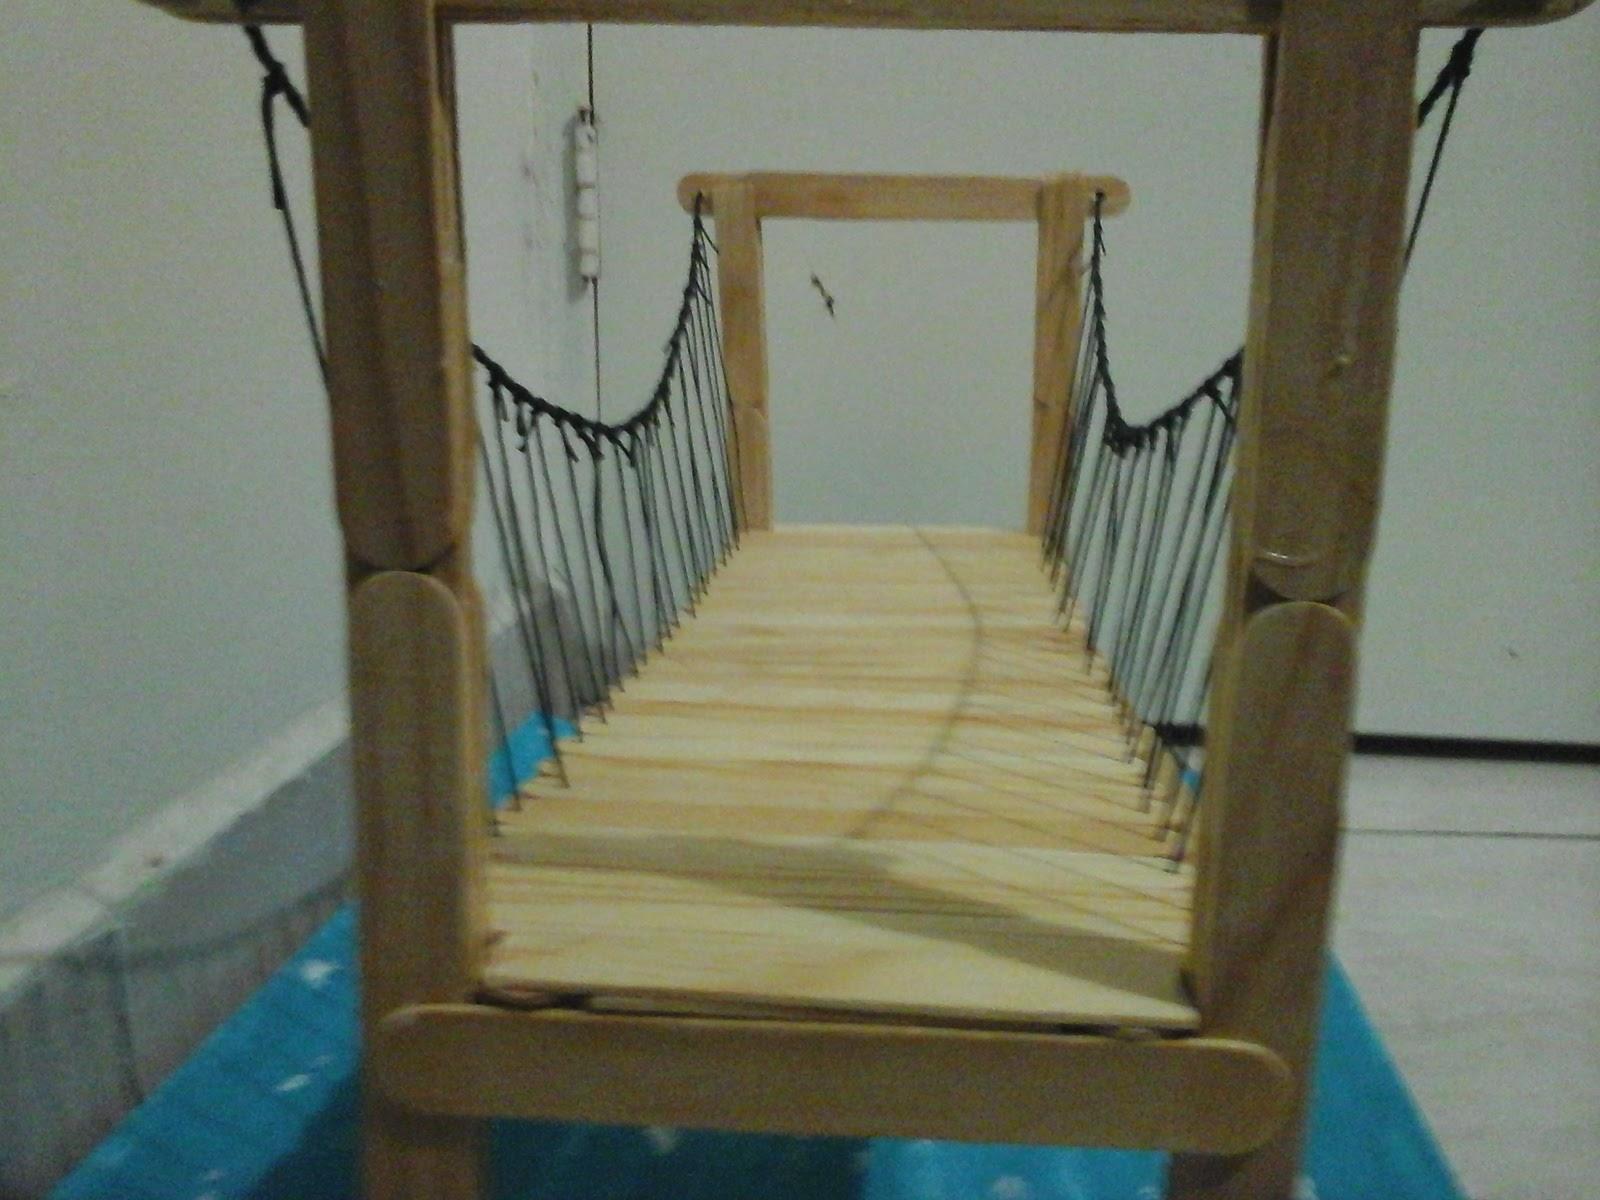 Imagenes de puentes de palitos pictures to pin on - Cosas de madera para hacer ...